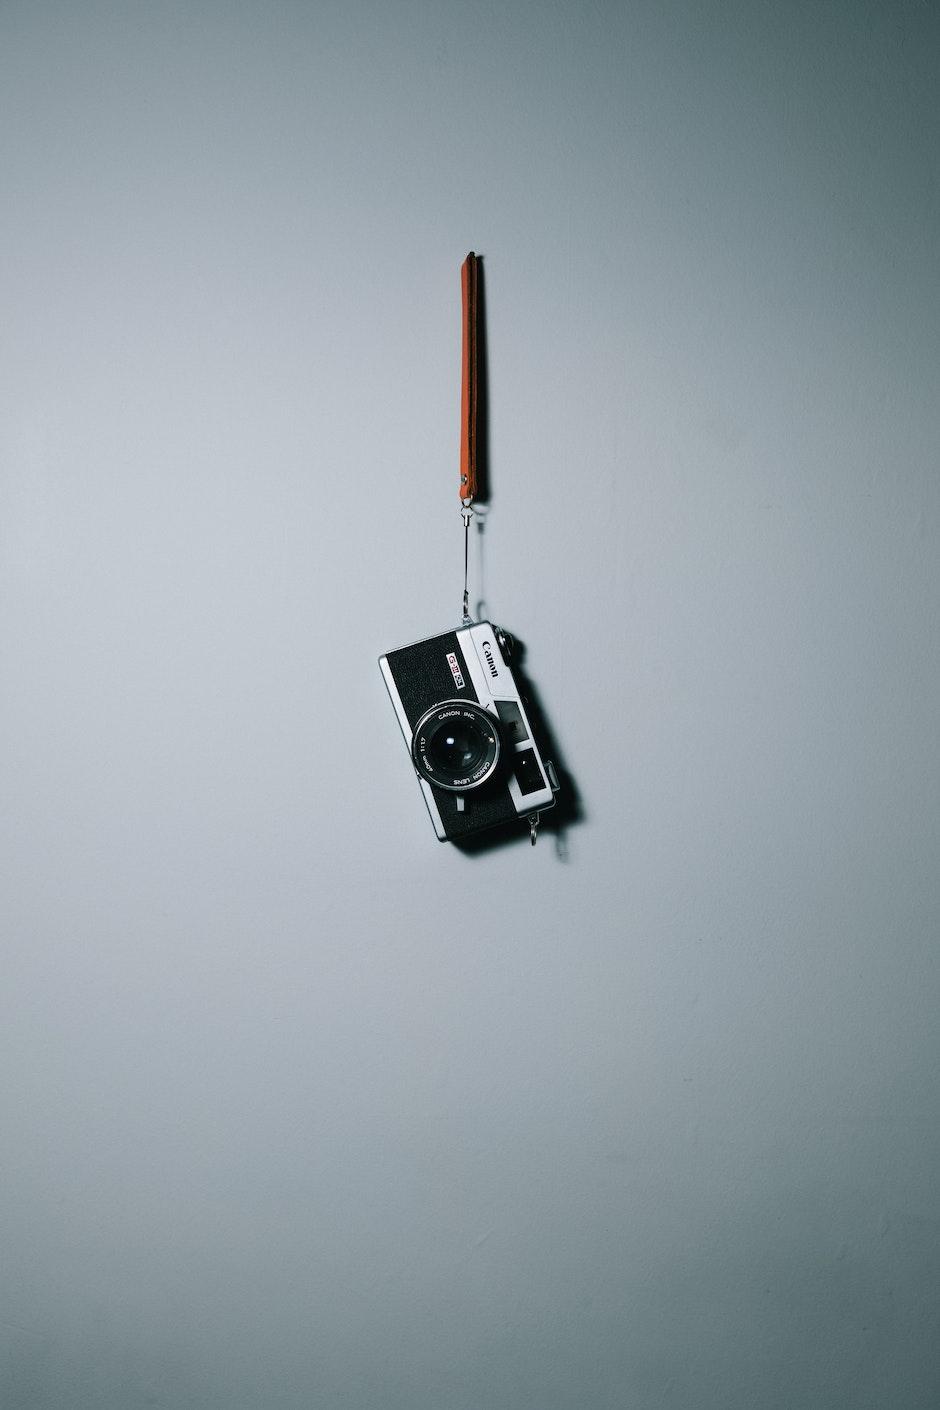 analog camera, camera, canon